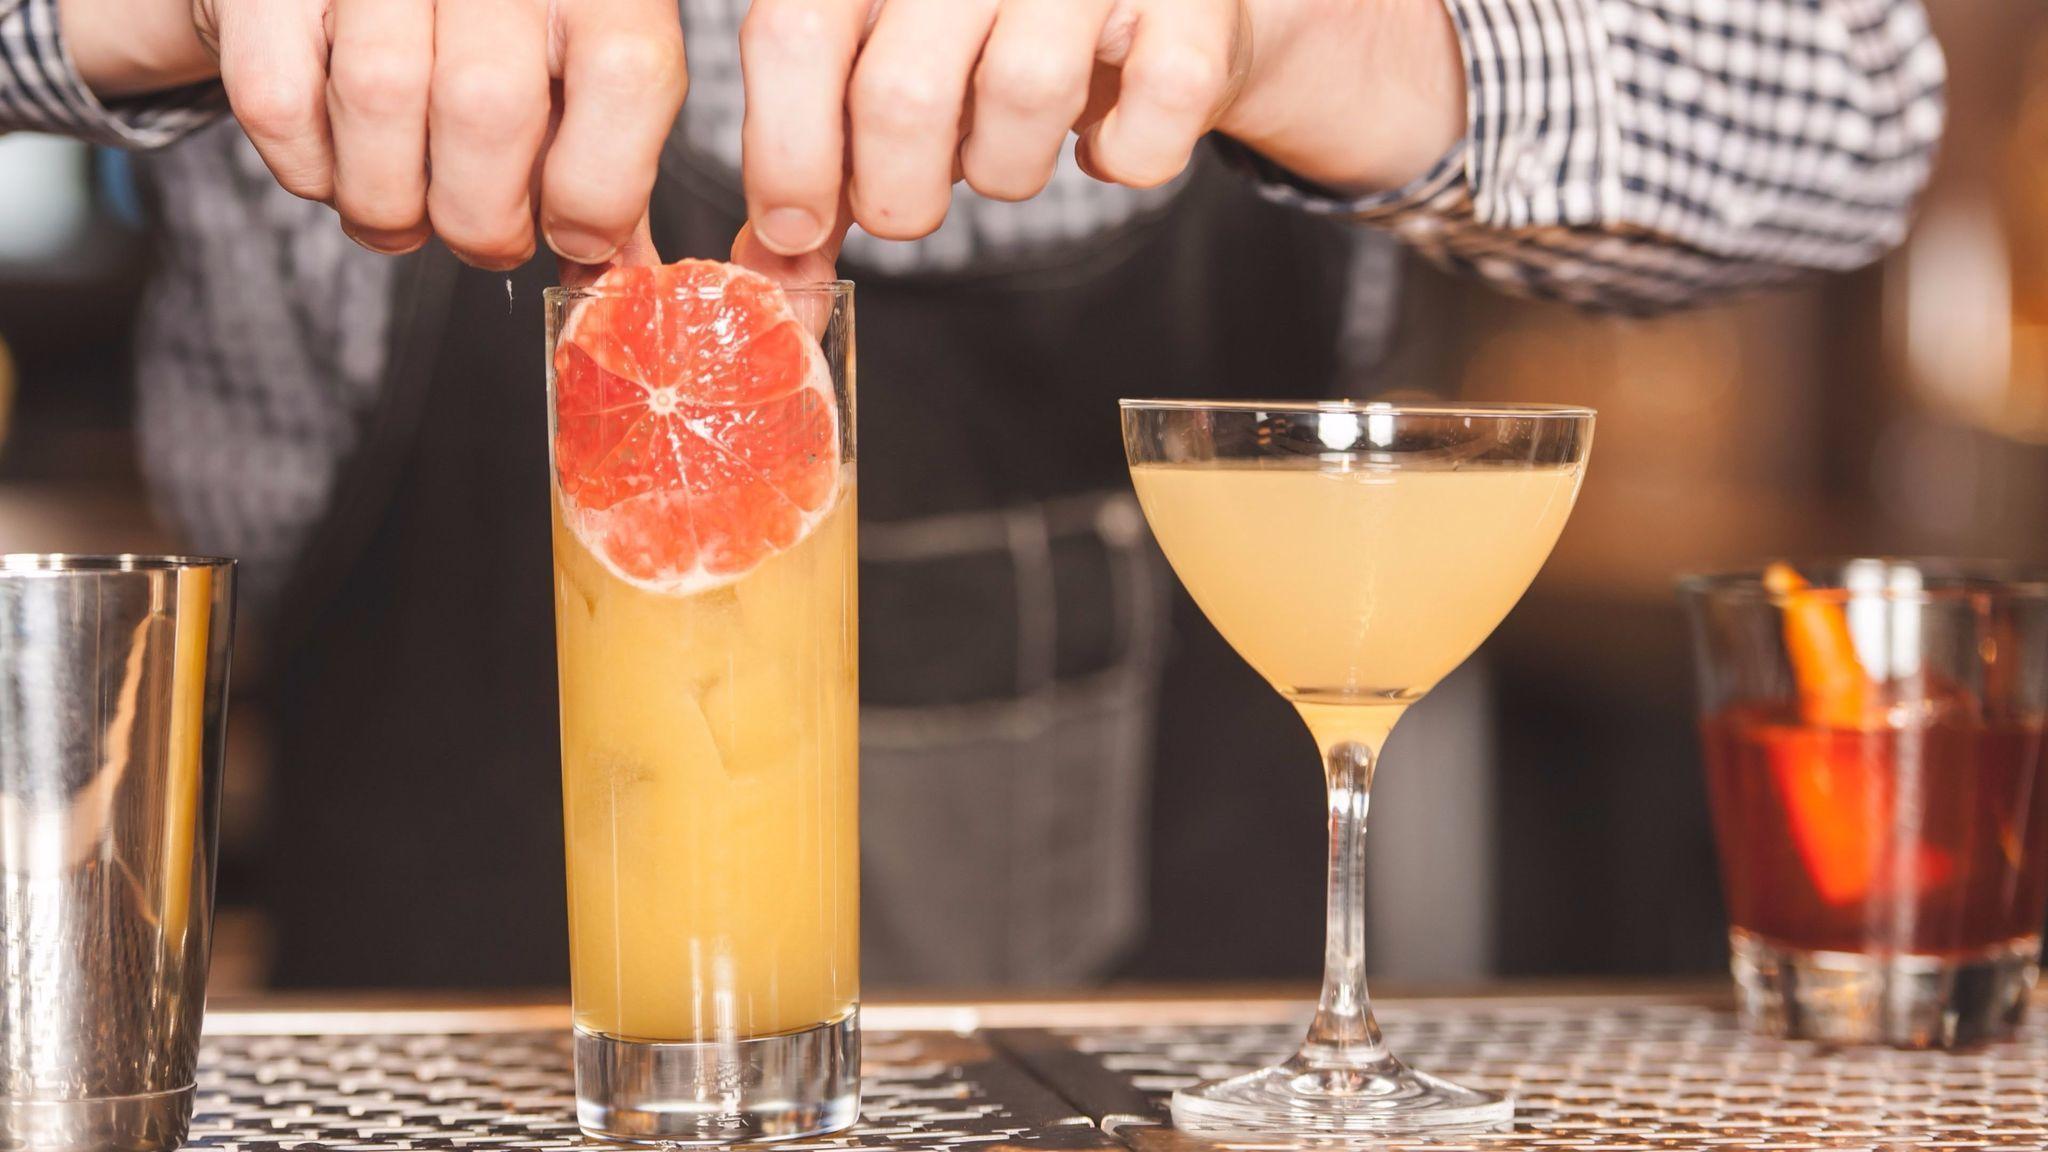 Best Chicago Happy Hour Deals July 27 Aug 2 Redeye Chicago